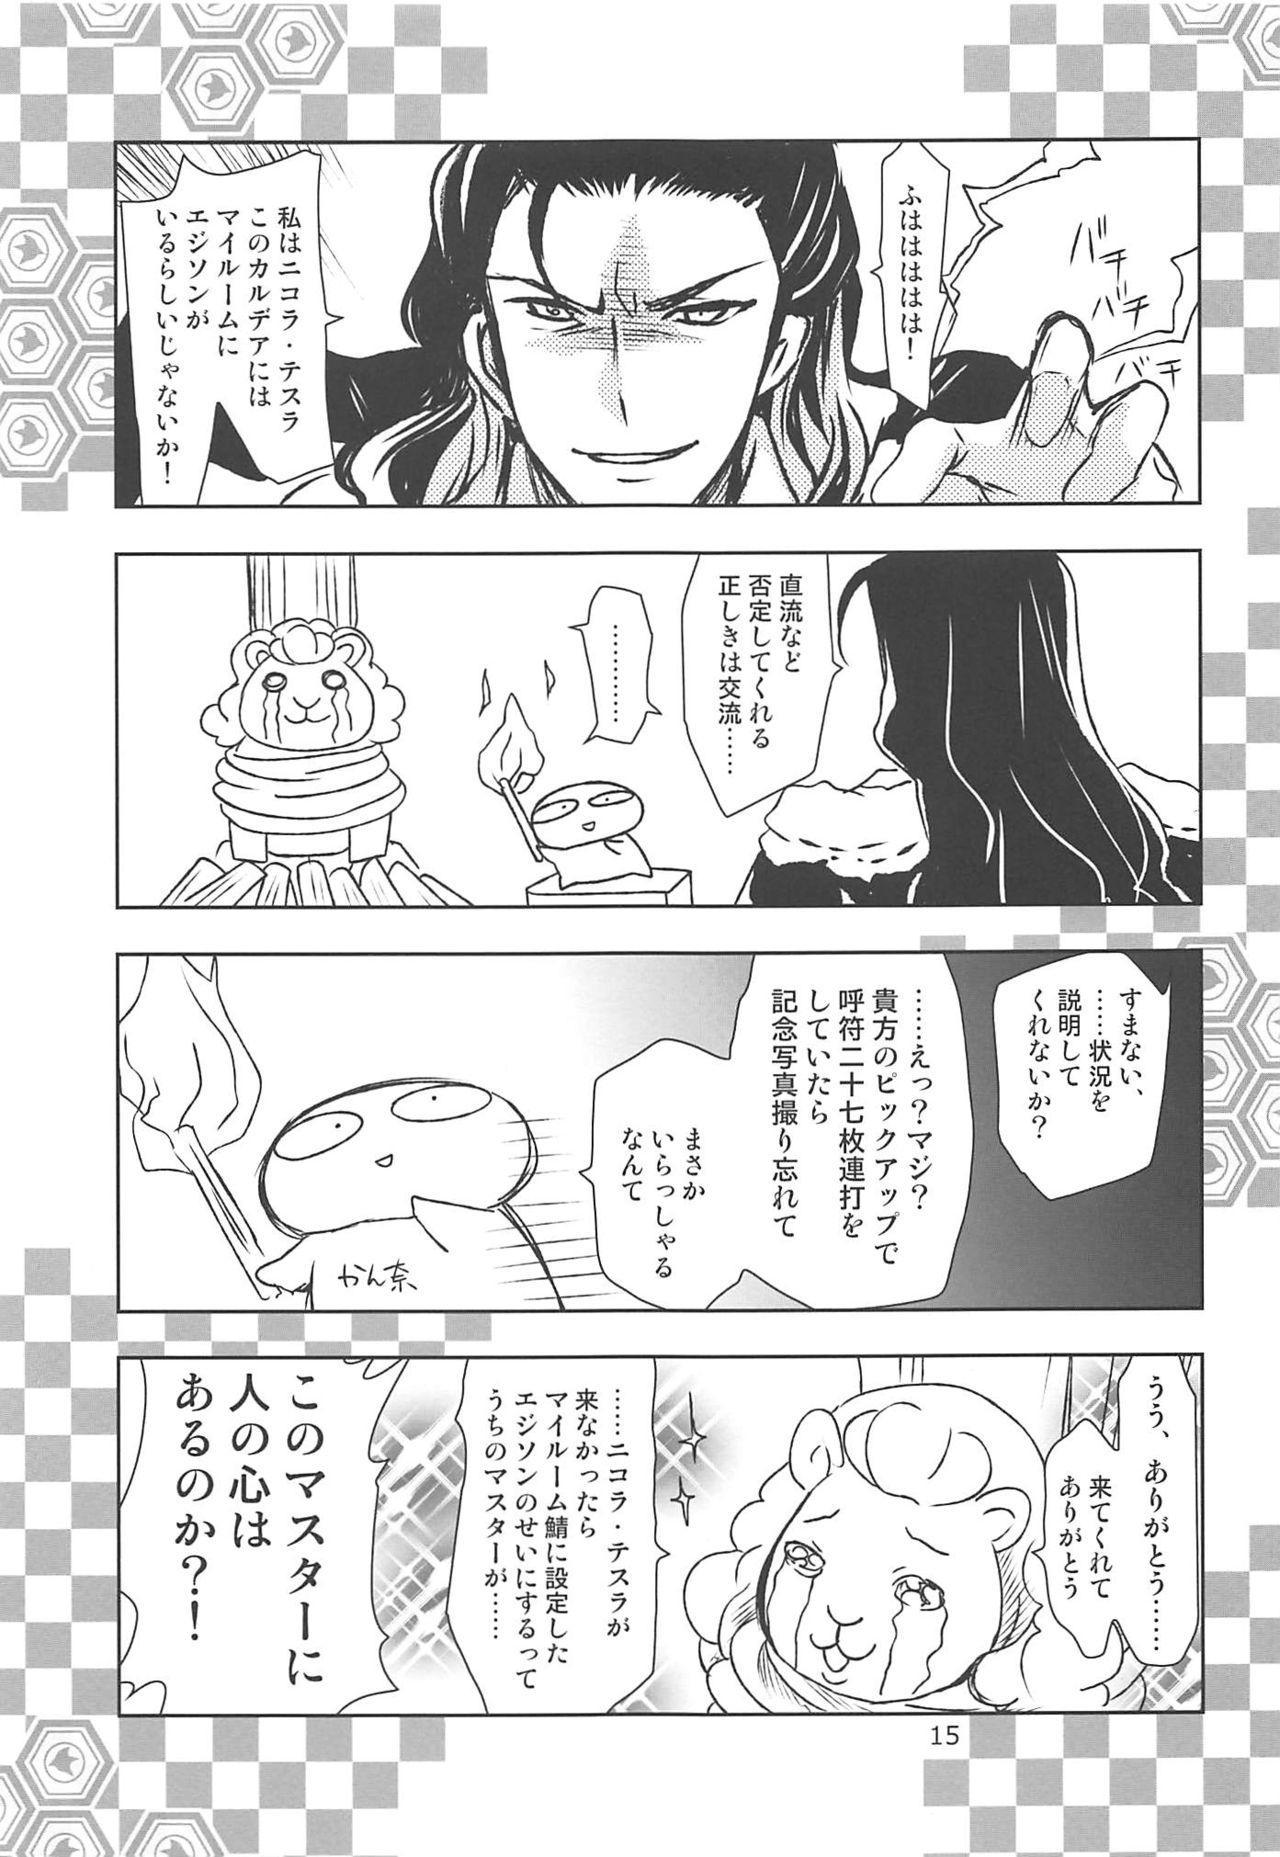 Gepparou GO Vol. 3 13